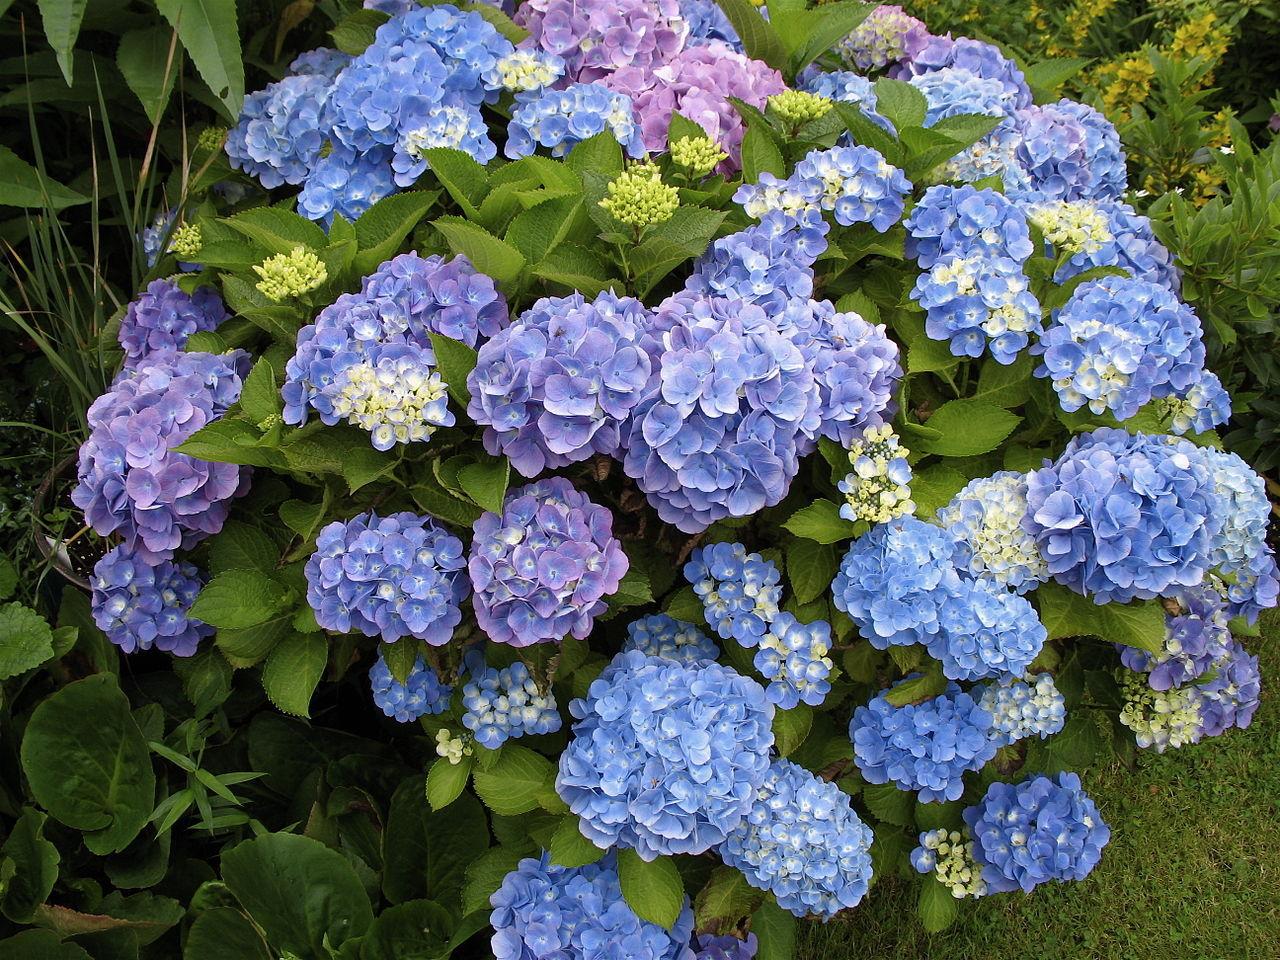 梅雨の花といえば・・・紫陽花って、どんな花?